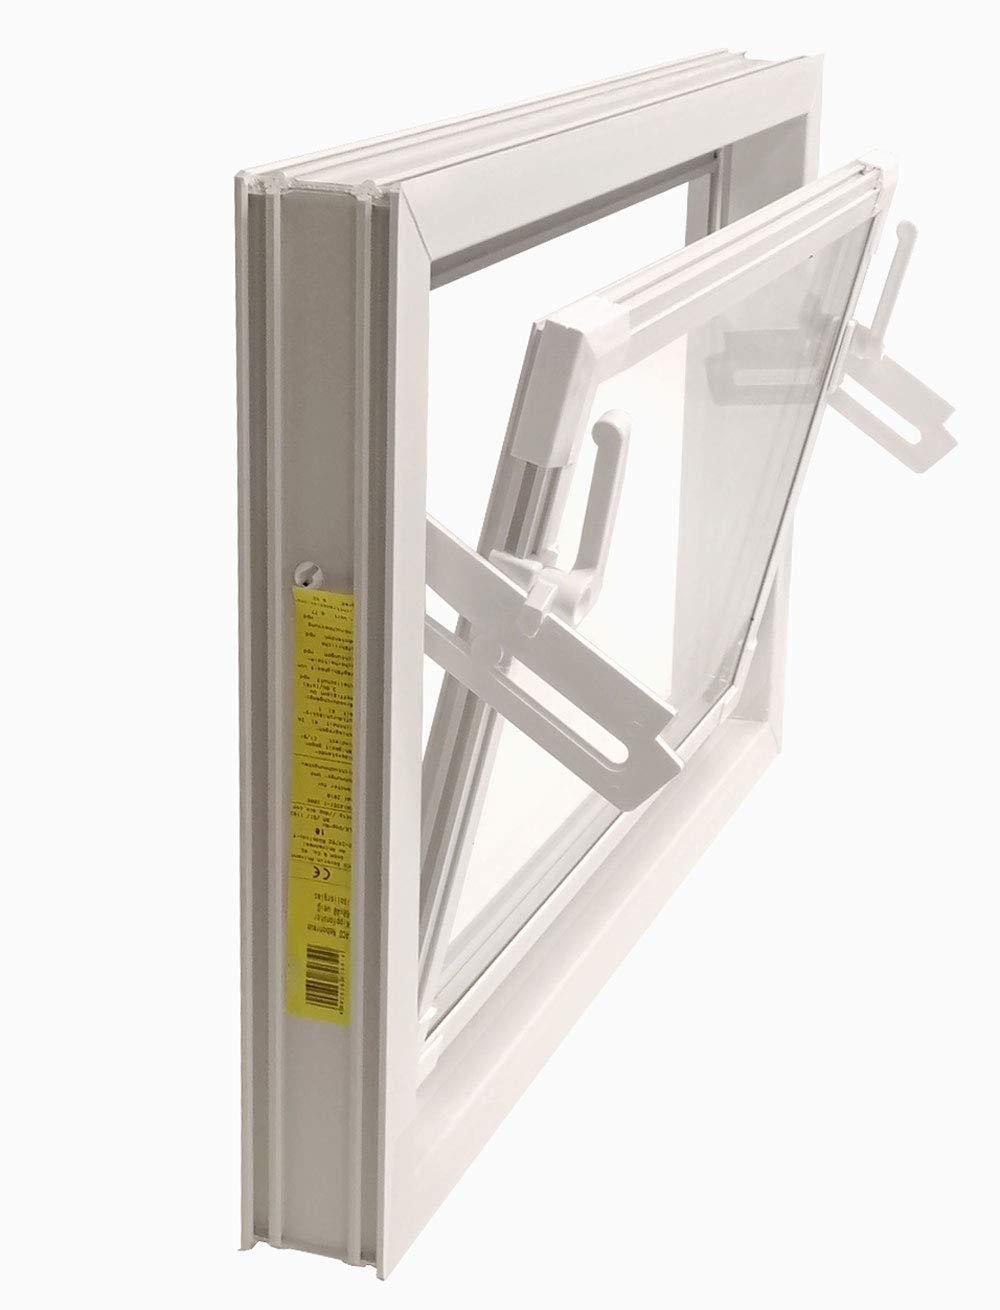 Full Size of Aco Kellerfenster Ersatzteile Therm 90x60cm Nebenraumfenster Kippfenster Isofenster Fenster Braun Velux Wohnzimmer Aco Kellerfenster Ersatzteile